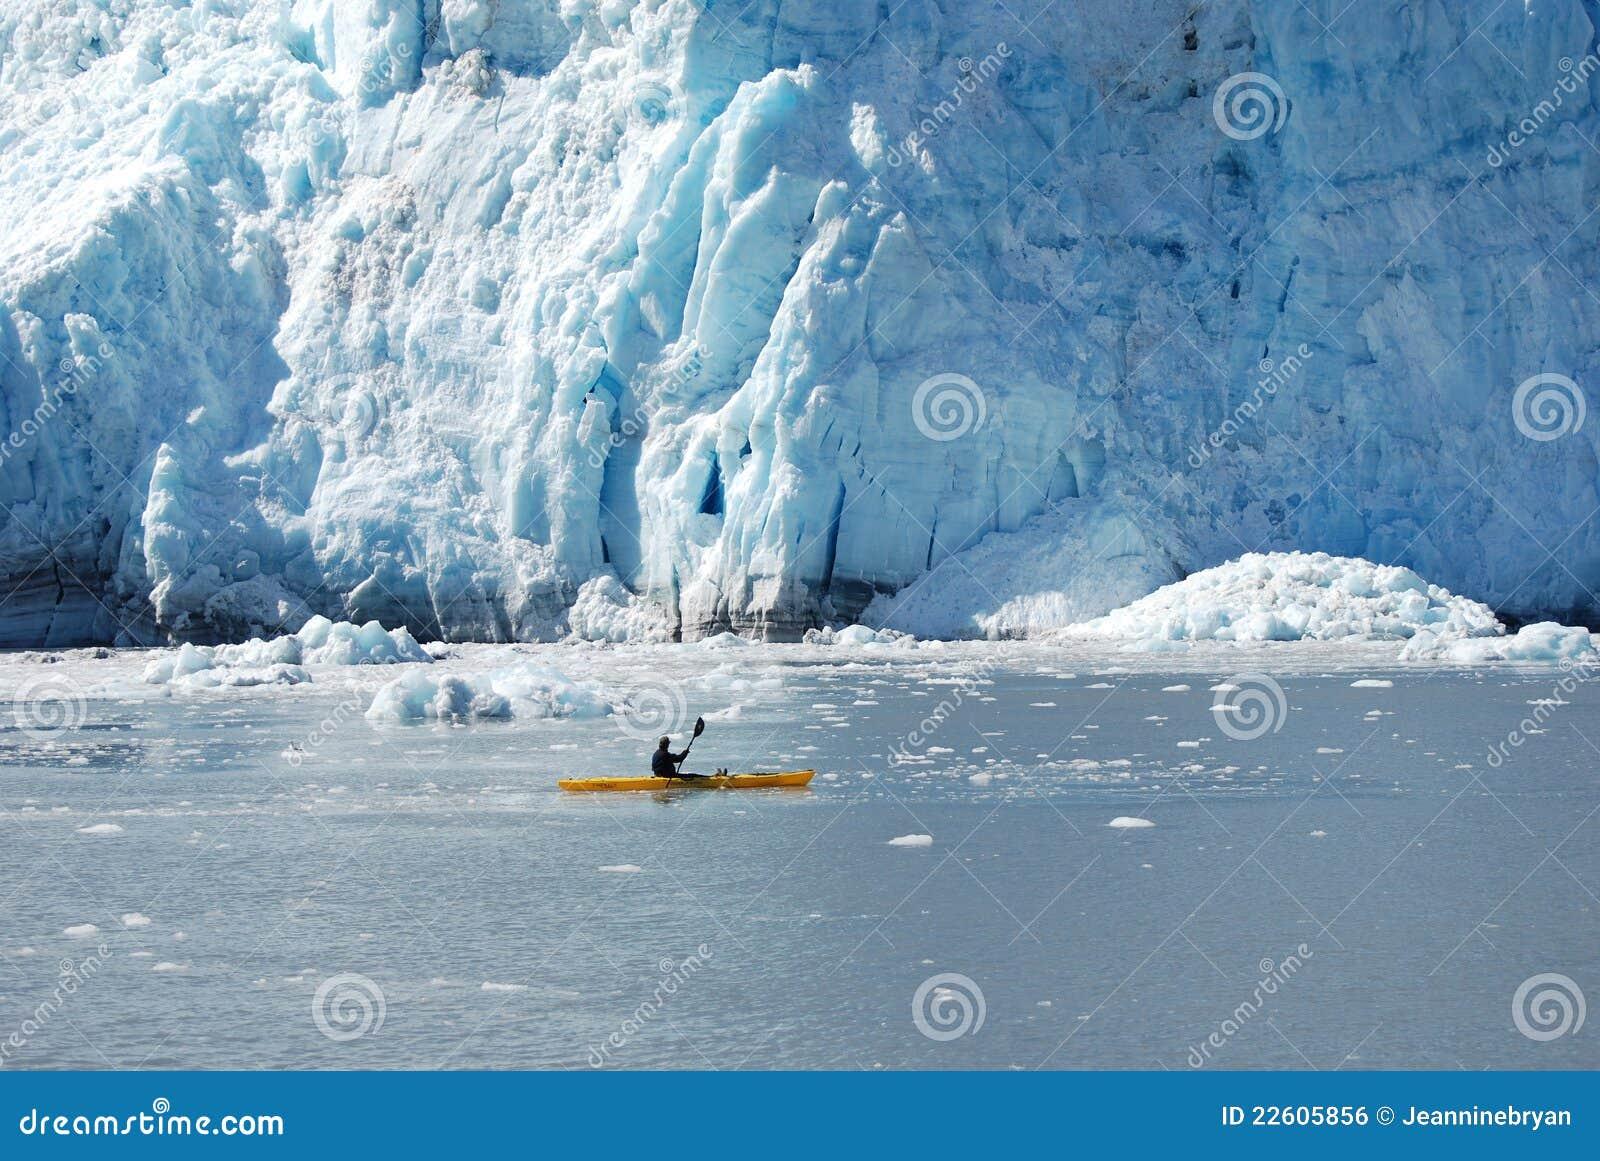 划皮船的阿拉斯加